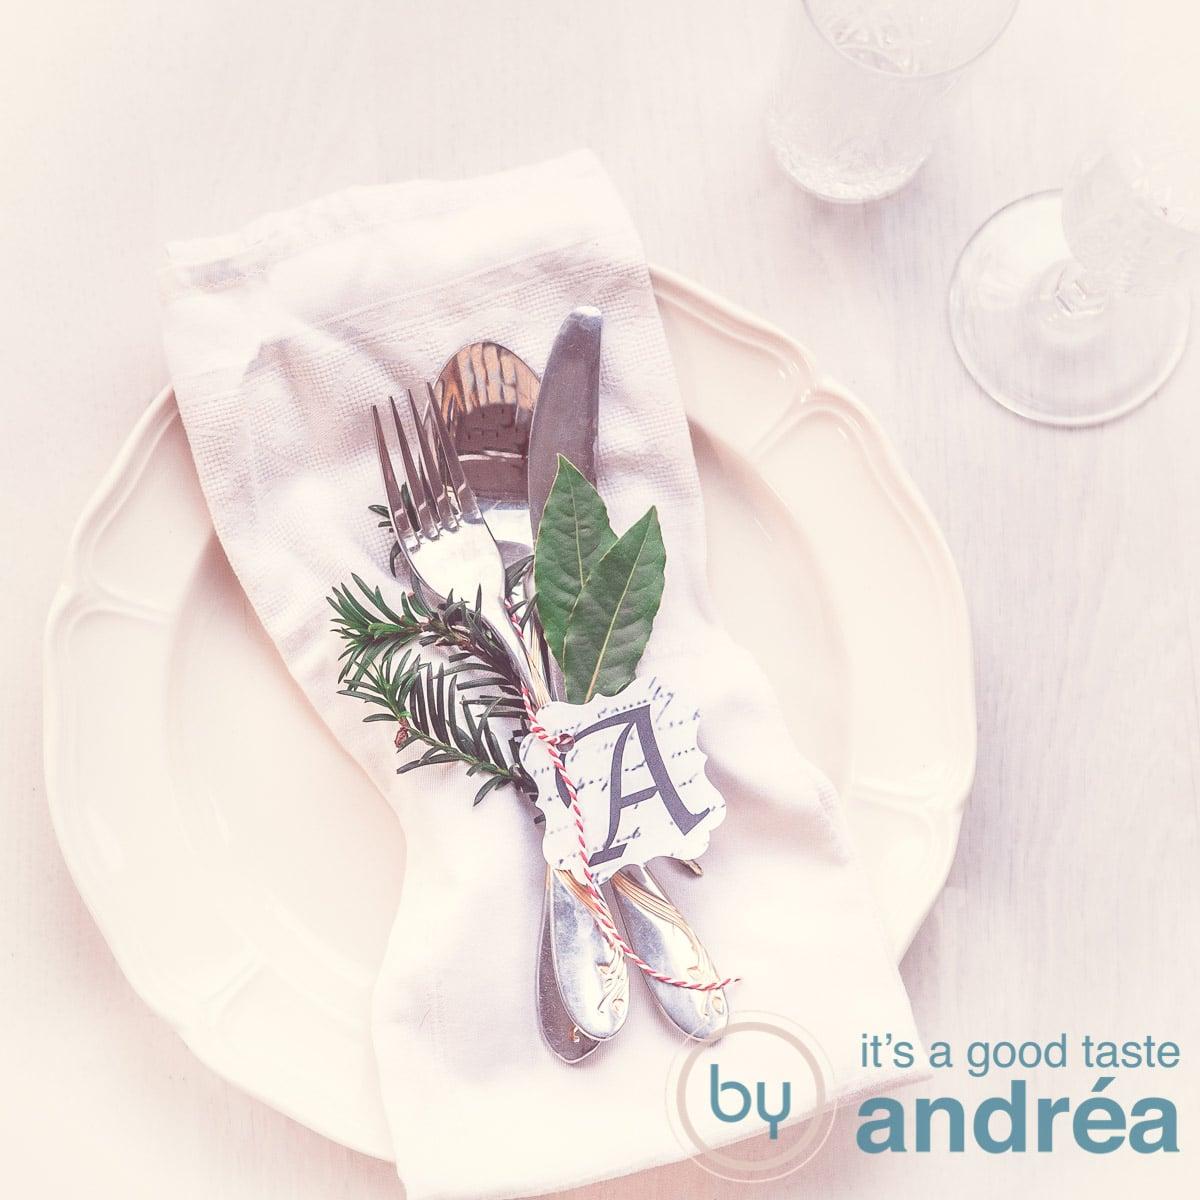 Een mooi opgemaakt bord met bestek en kerstversiering